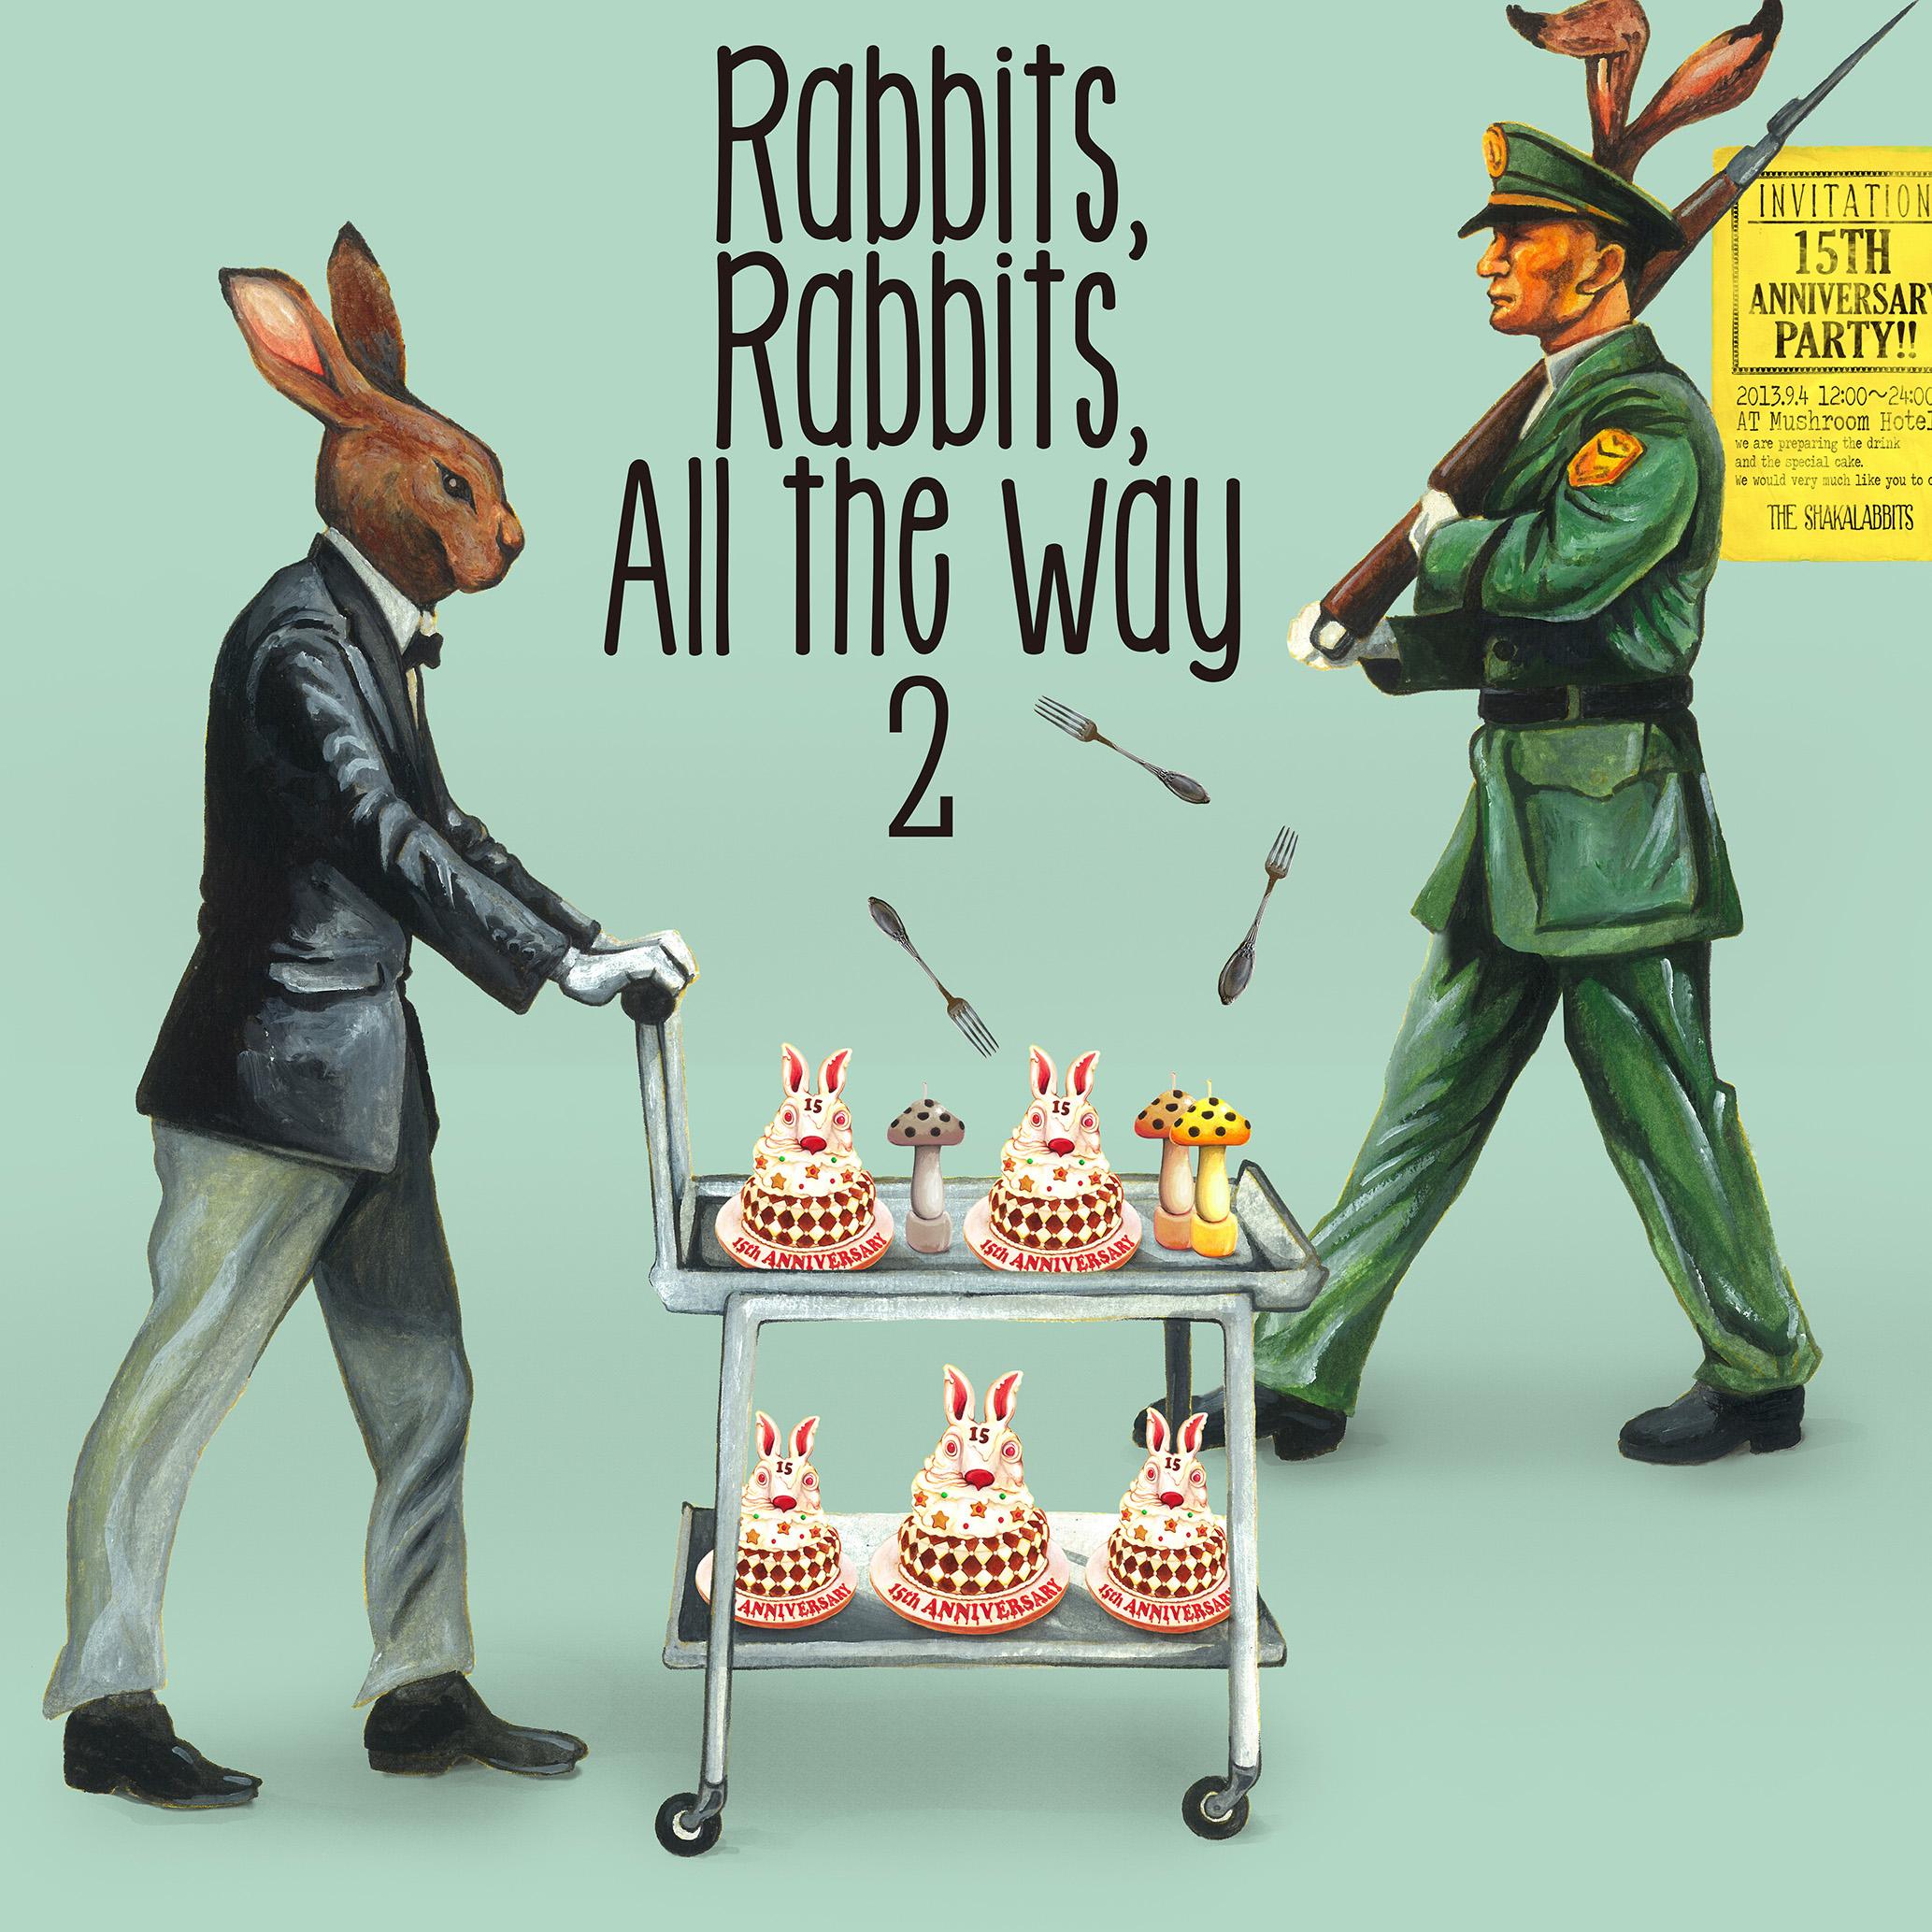 Shakalabbits - Rabbits, Rabbits, All the way 2